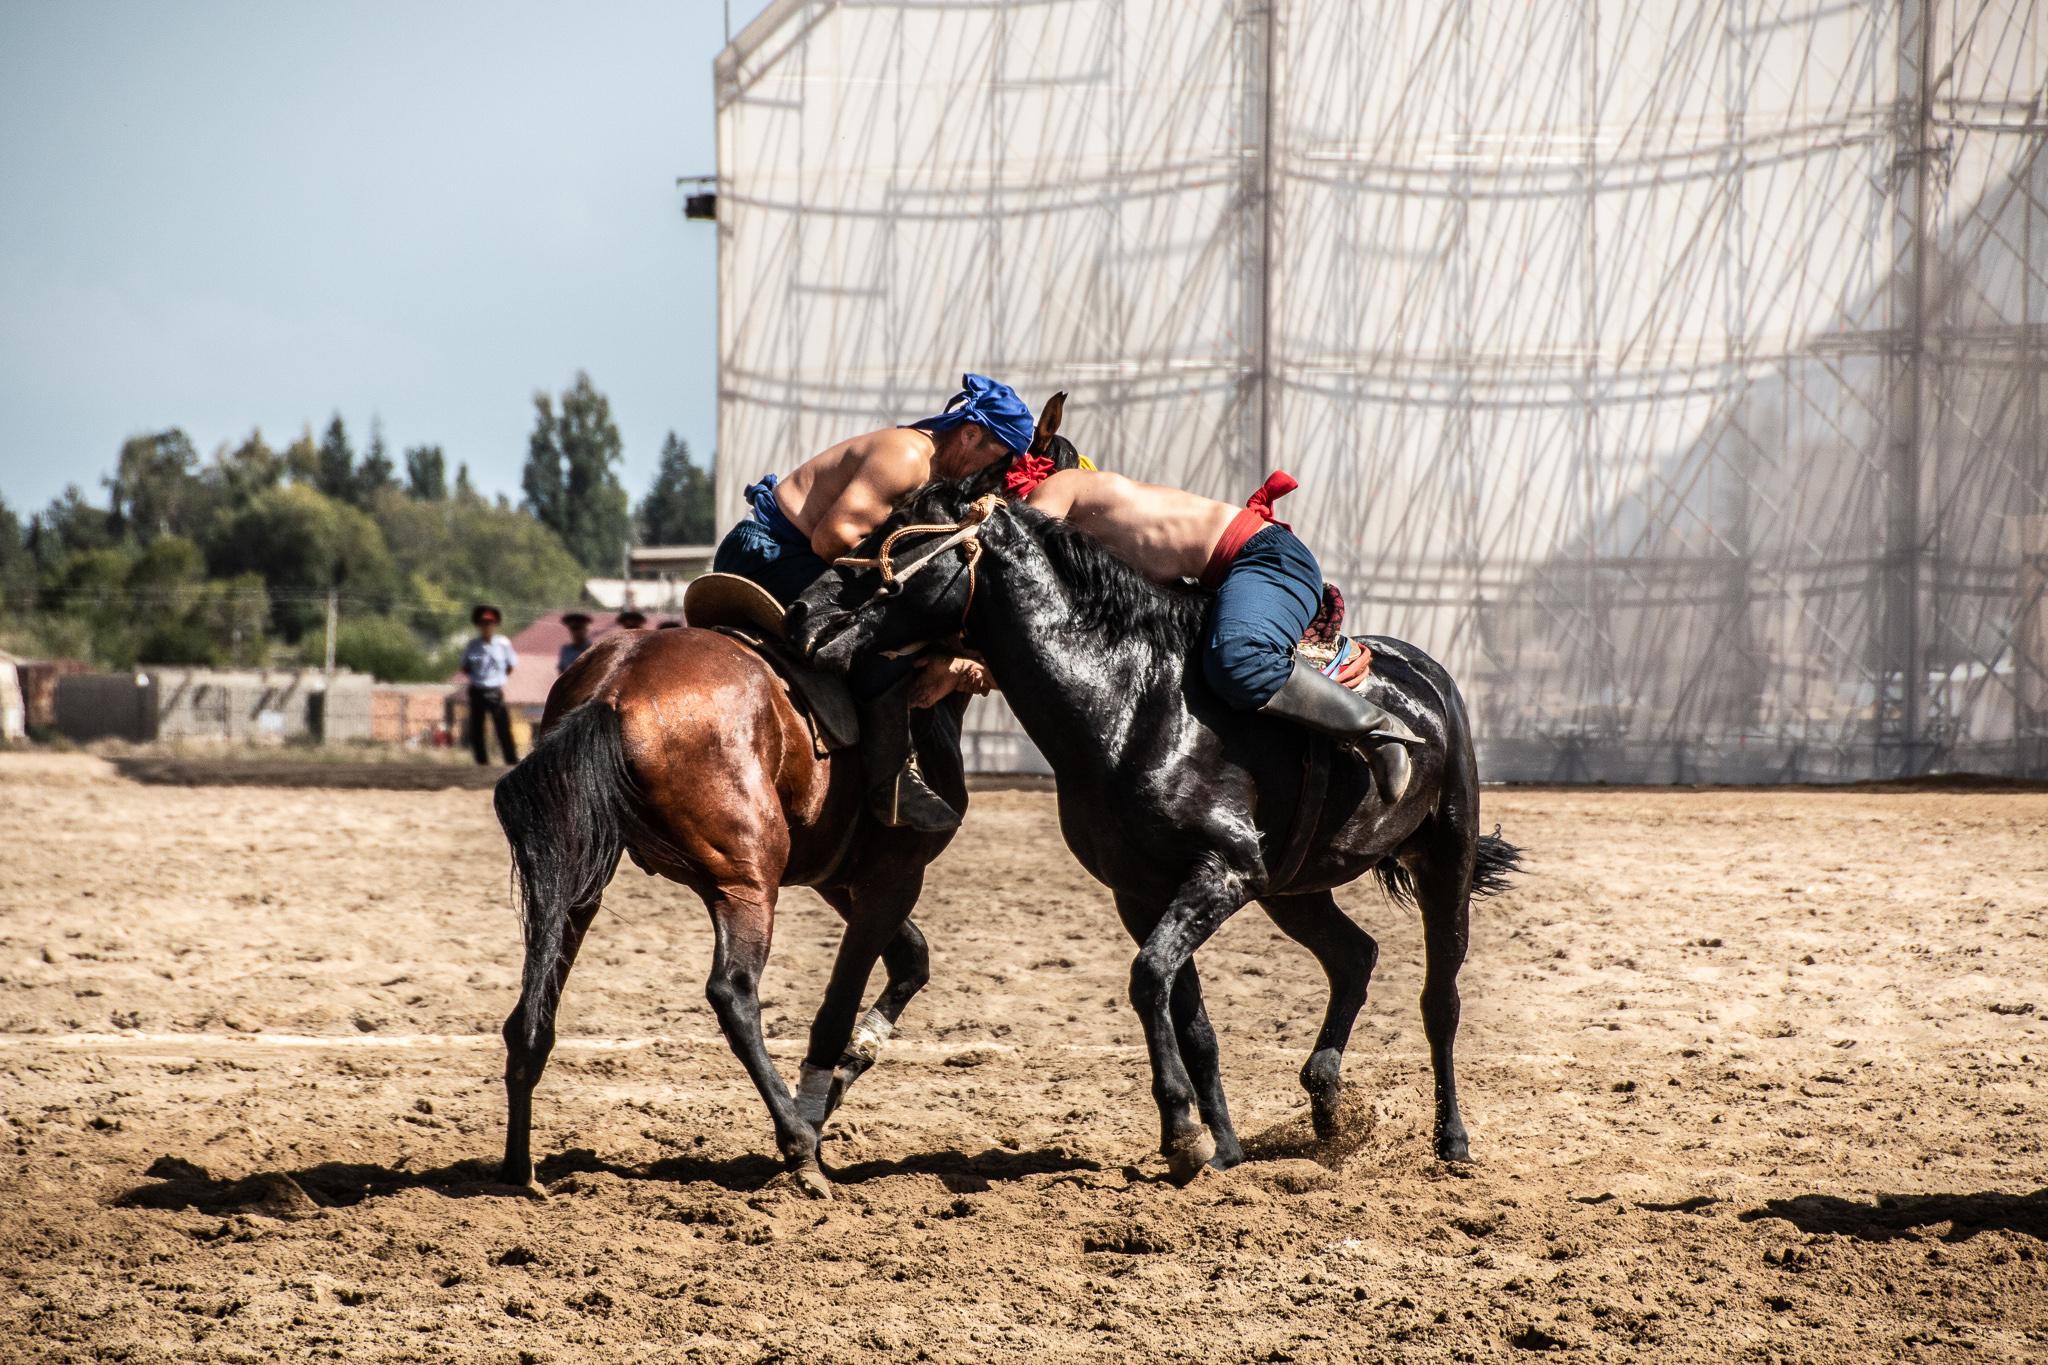 Horseback Wrestling World Nomad Games